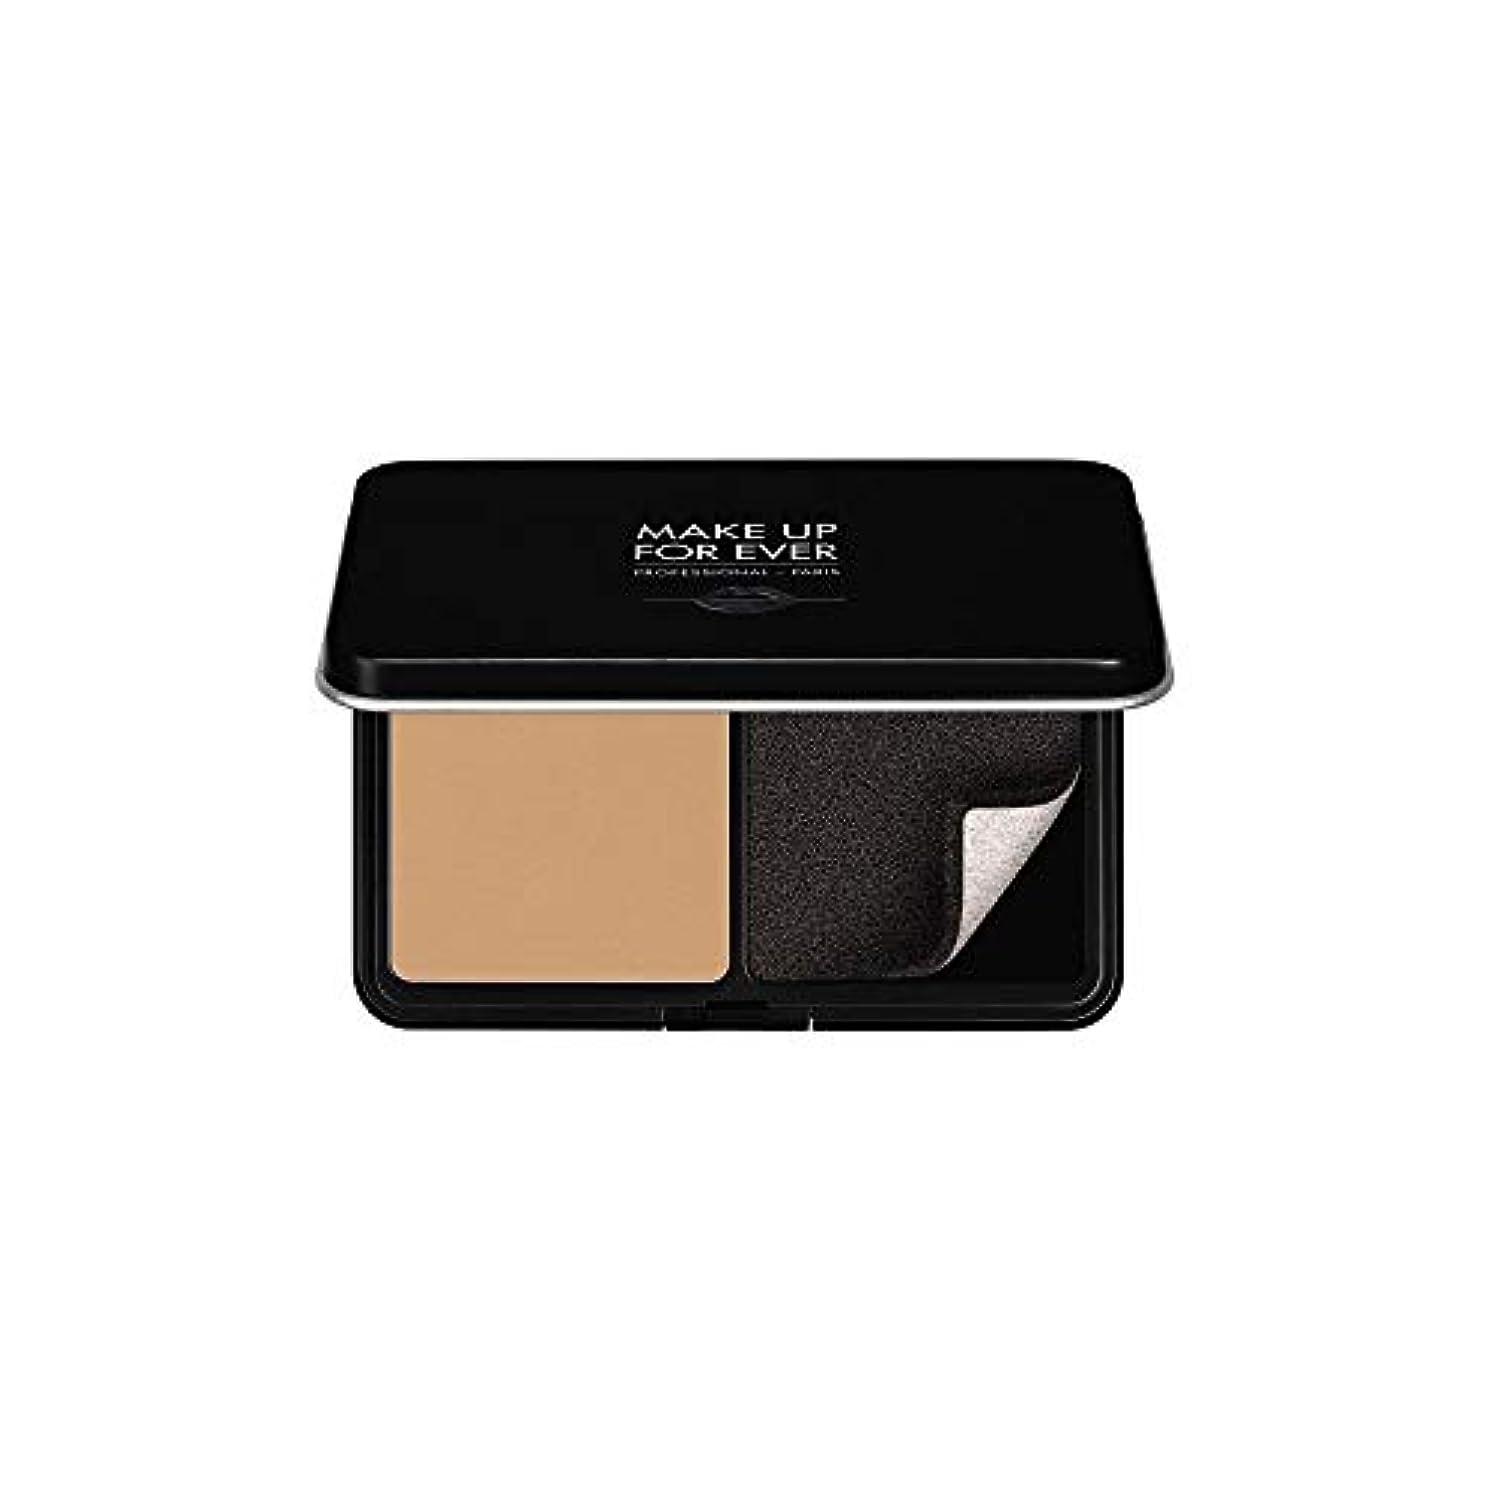 うつ衣服融合メイクアップフォーエバー Matte Velvet Skin Blurring Powder Foundation - # Y315 (Sand) 11g/0.38oz並行輸入品